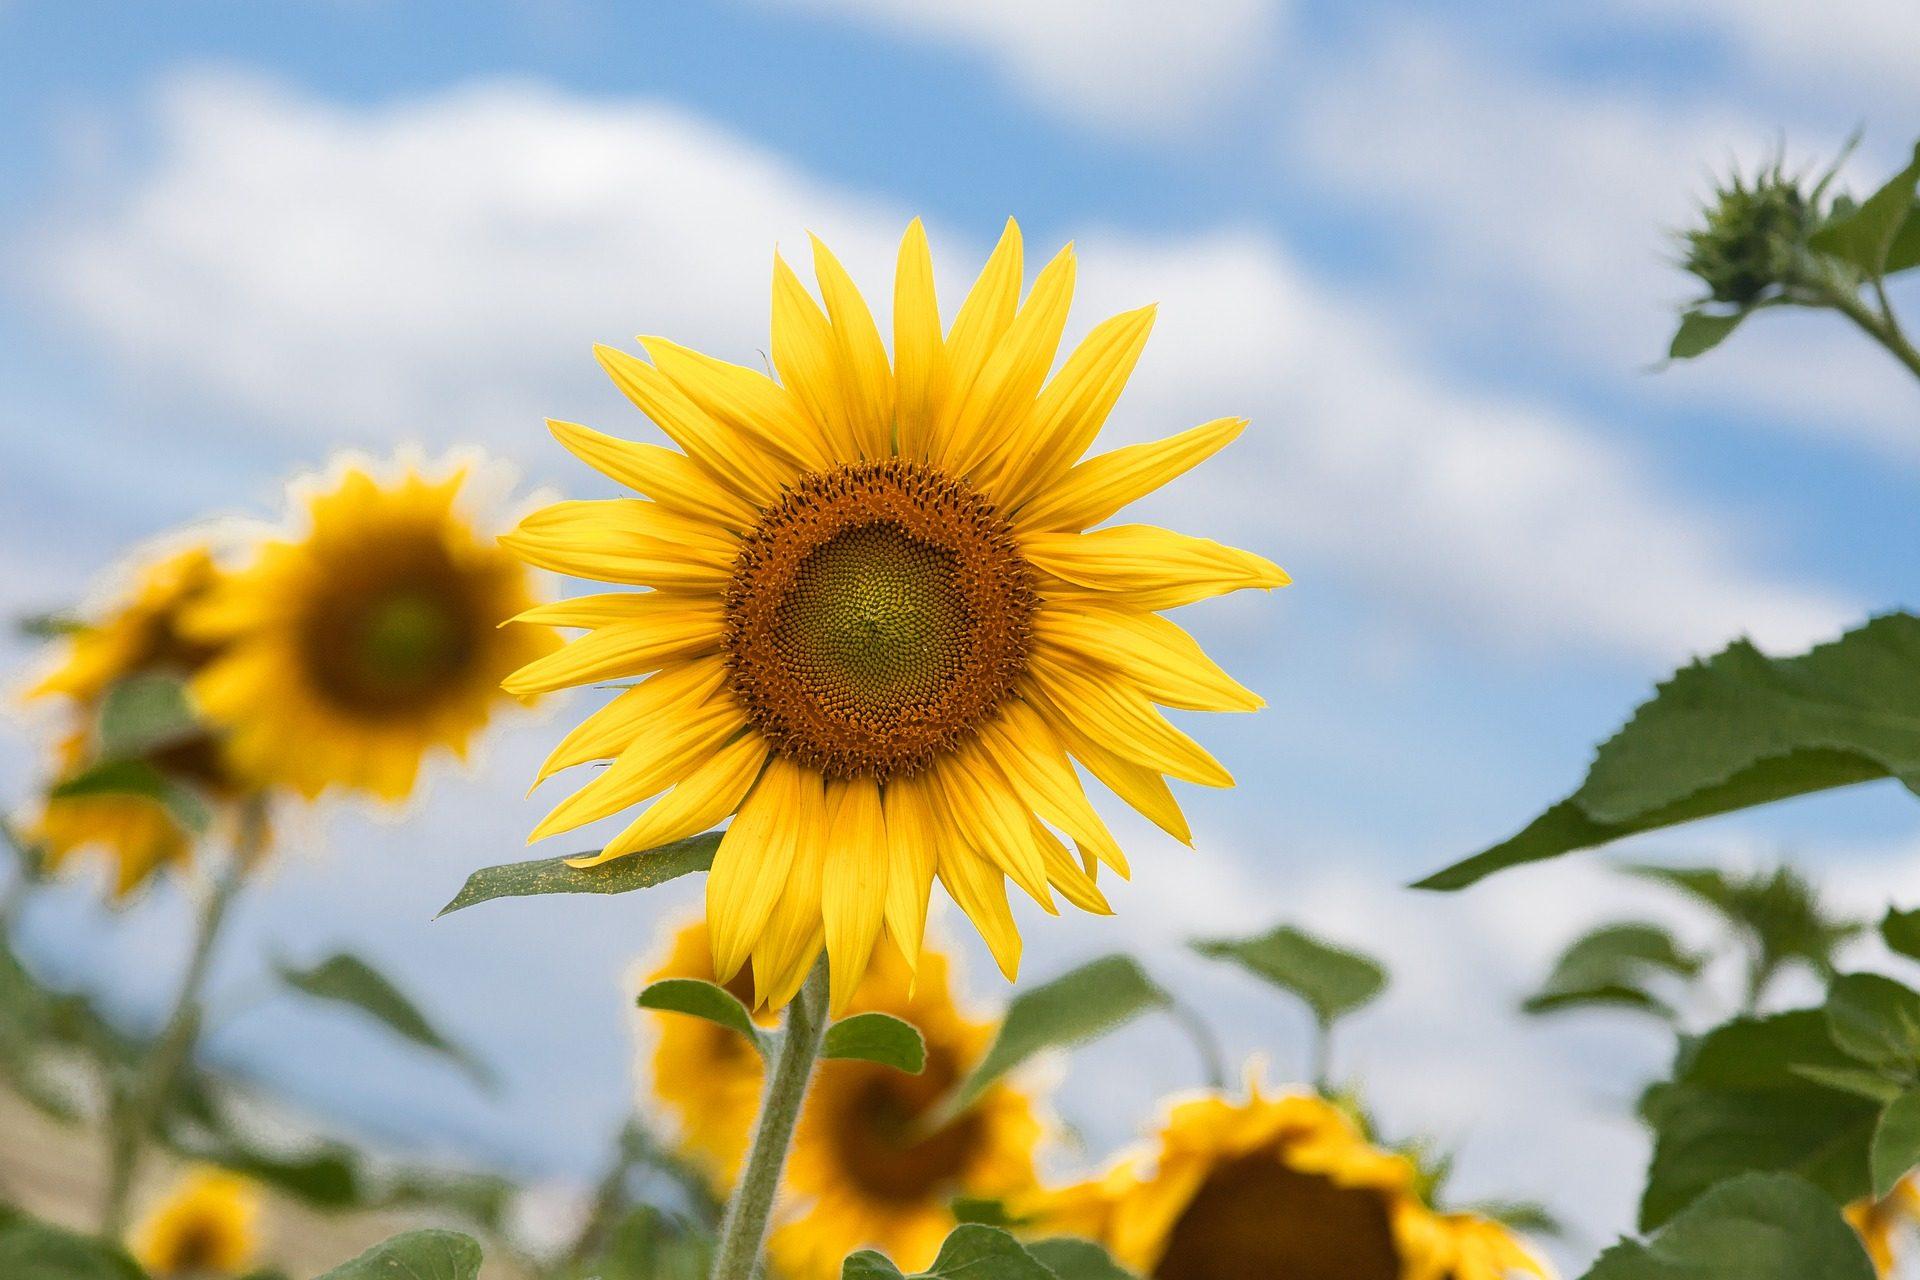 向日葵, 花, 培养, 人工林, 花瓣 - 高清壁纸 - 教授-falken.com